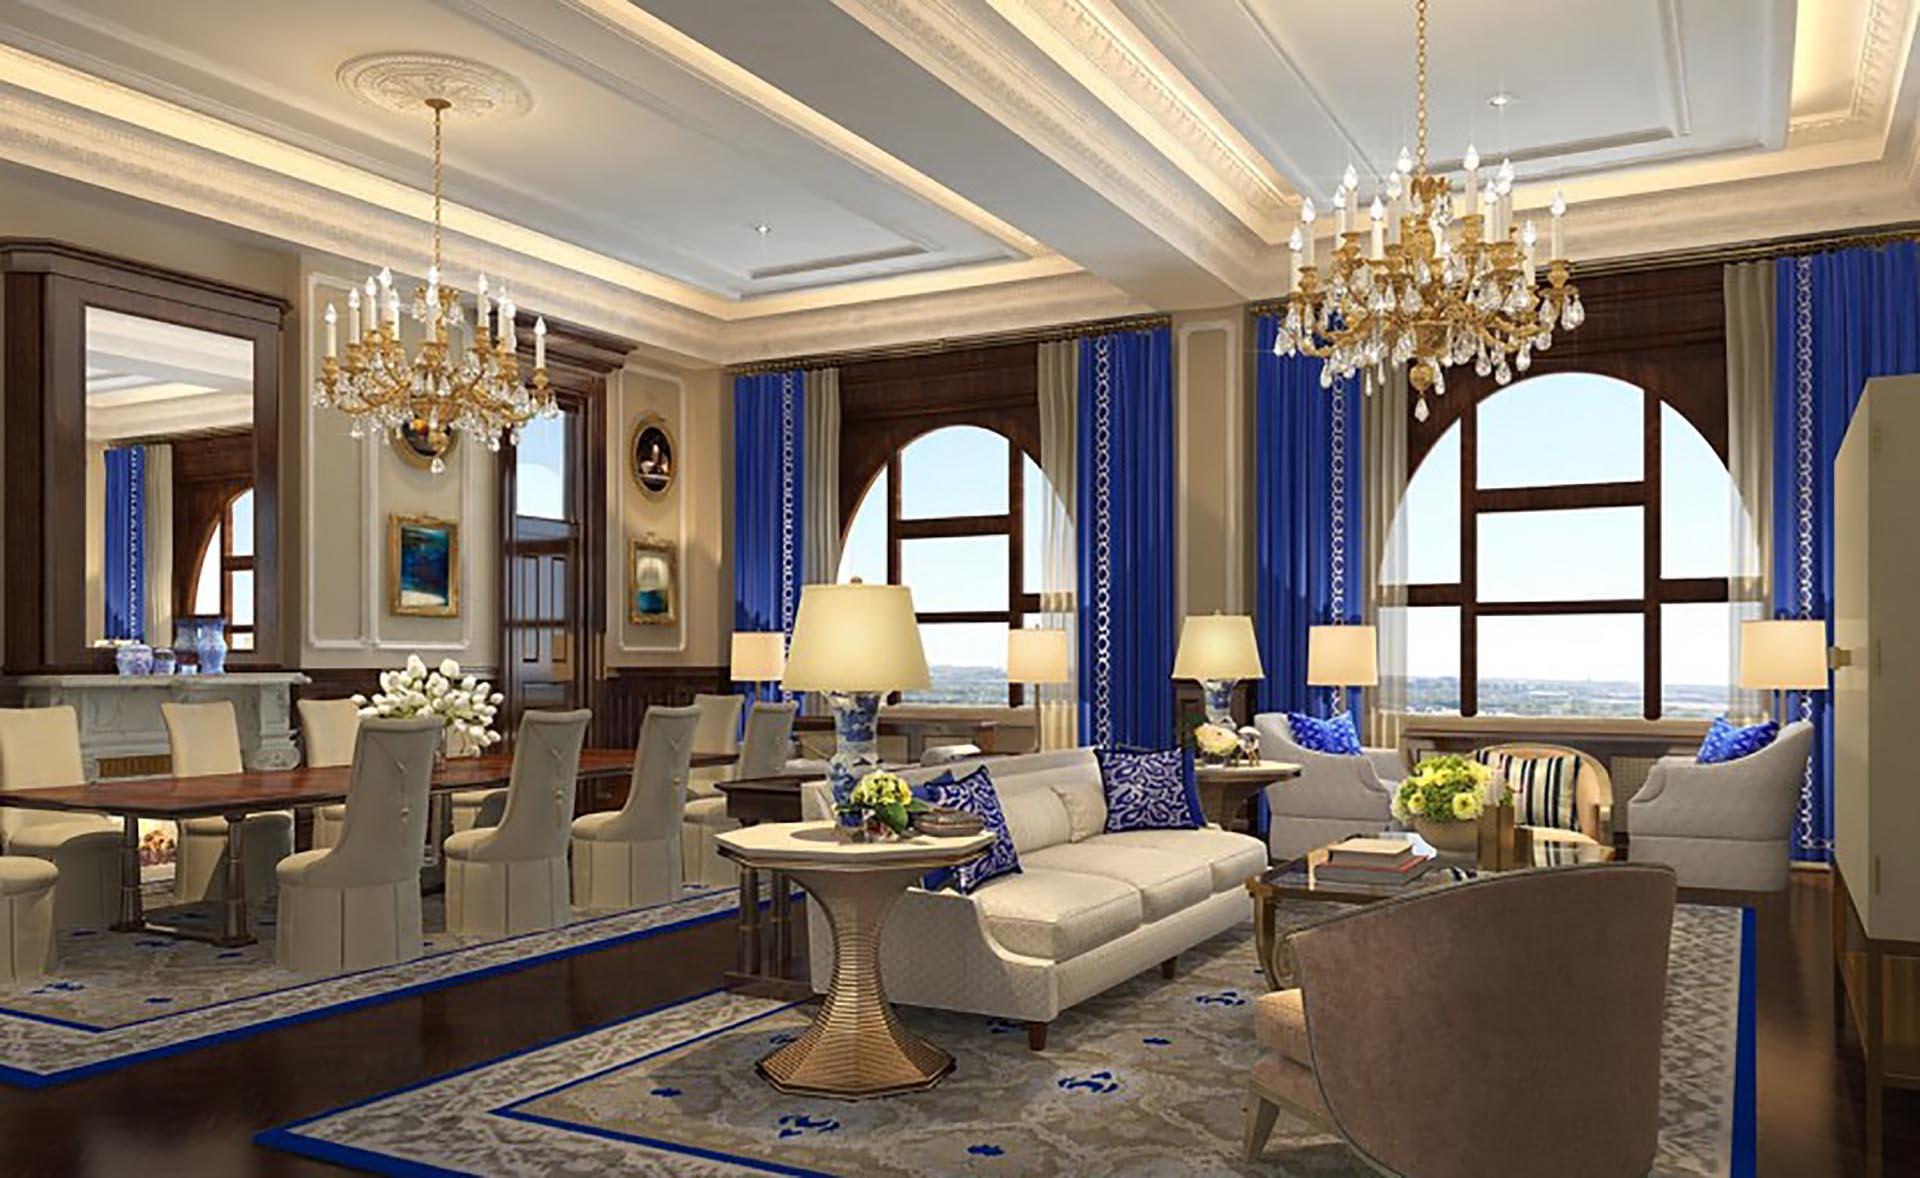 Una de las salas de la Suite Presidencial del Trump International Hotel en DC